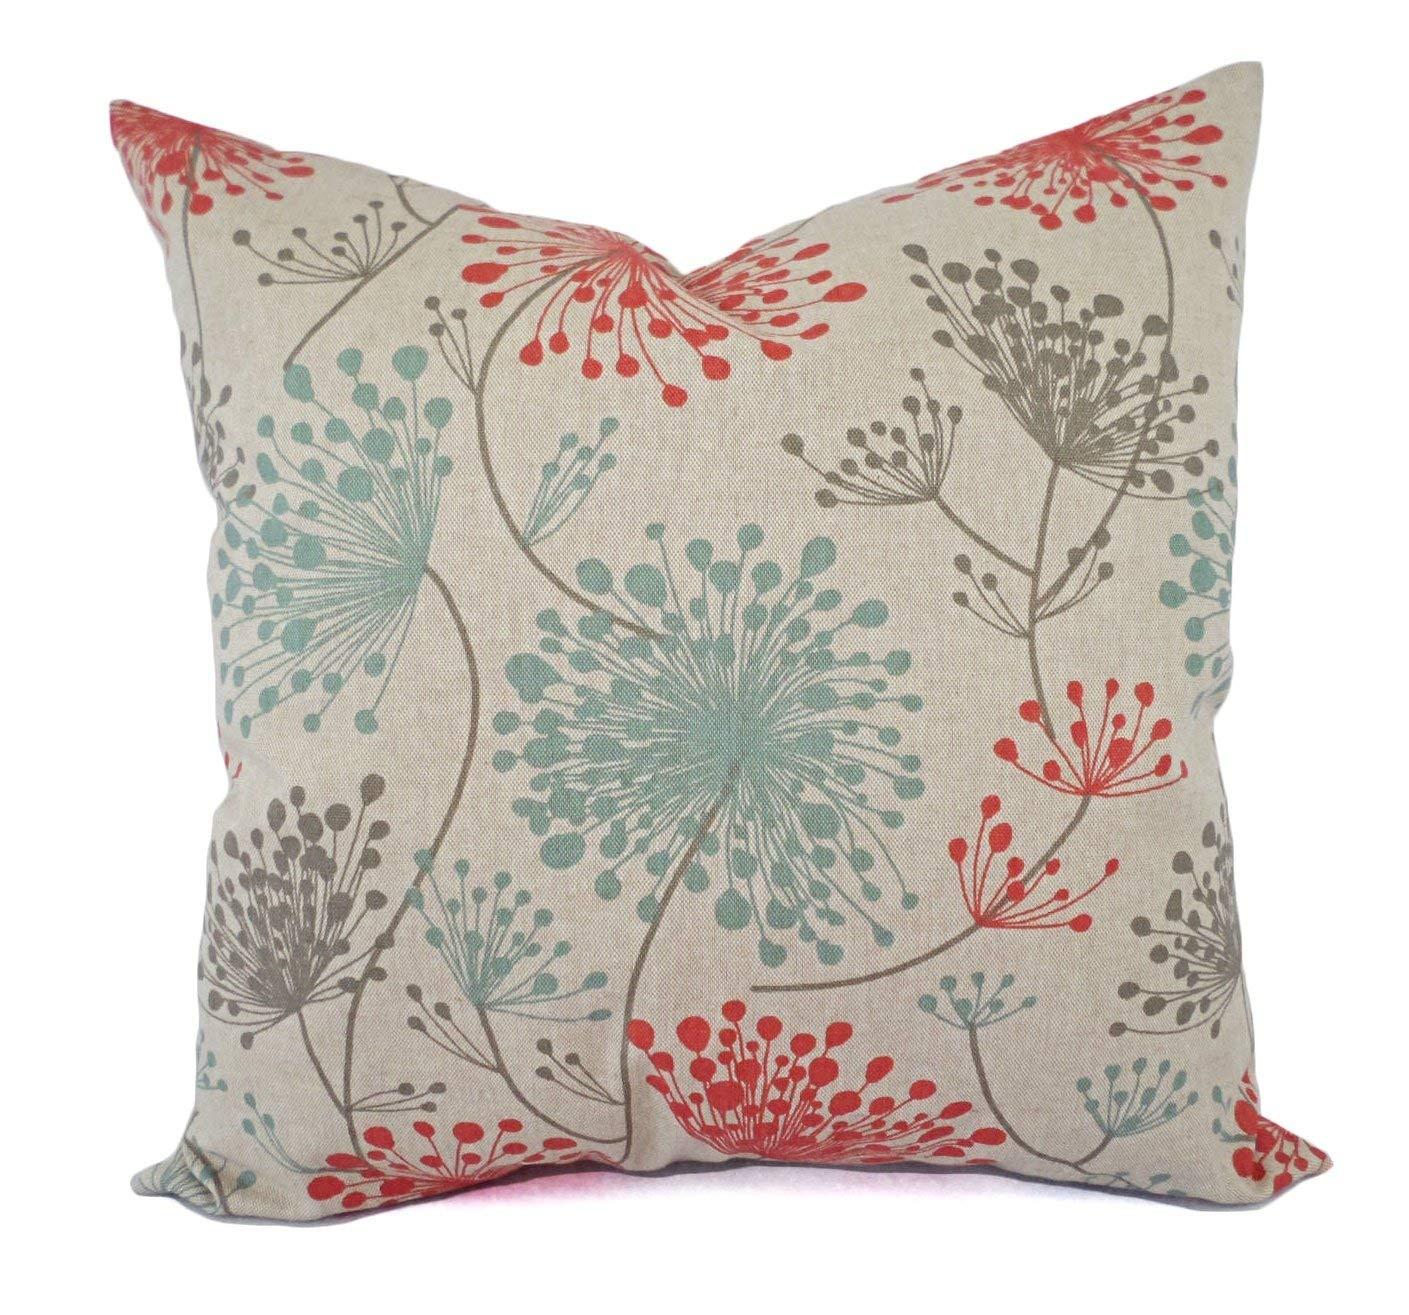 Orange Blue and Beige Floral Pillow Shams - Orange Blue Pillow Covers -  Linen Pillow Cases - Decorative Pillows - Accent Pillows